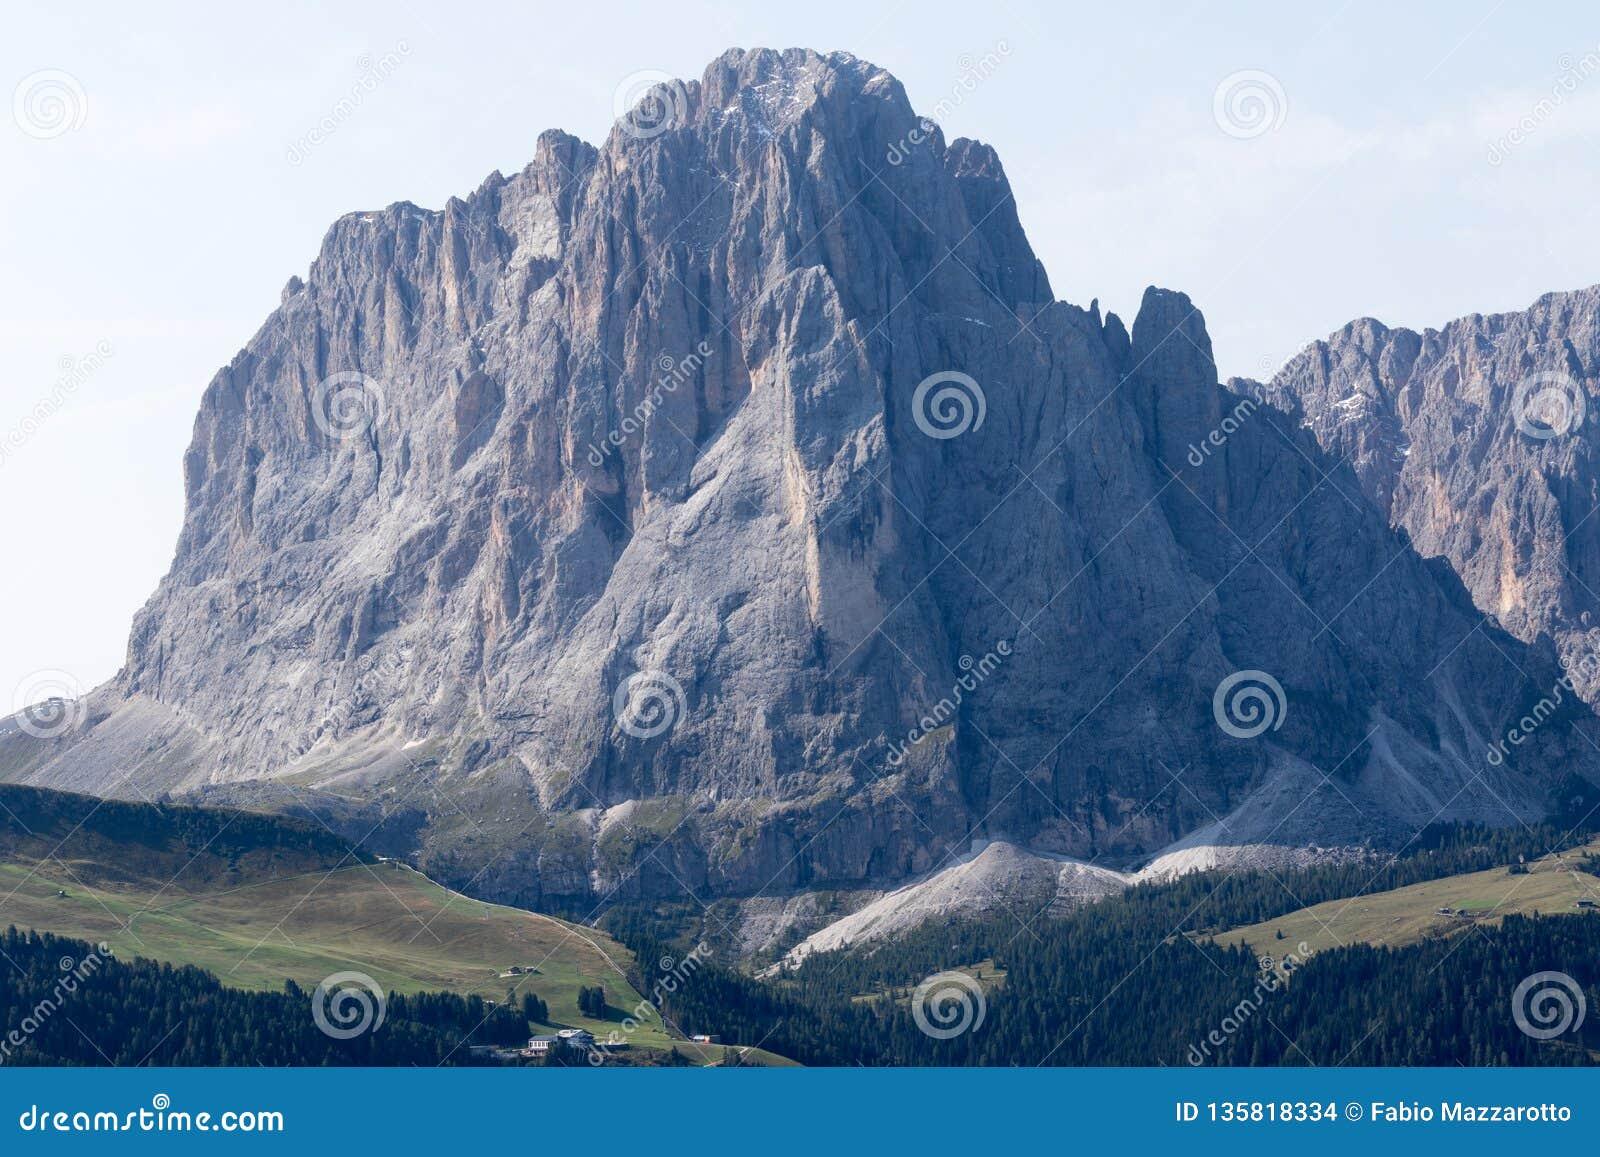 Μπροστινή άποψη του βουνού Sassolungo που είναι μέρος των δολομιτών, ευρωπαϊκές Άλπεις